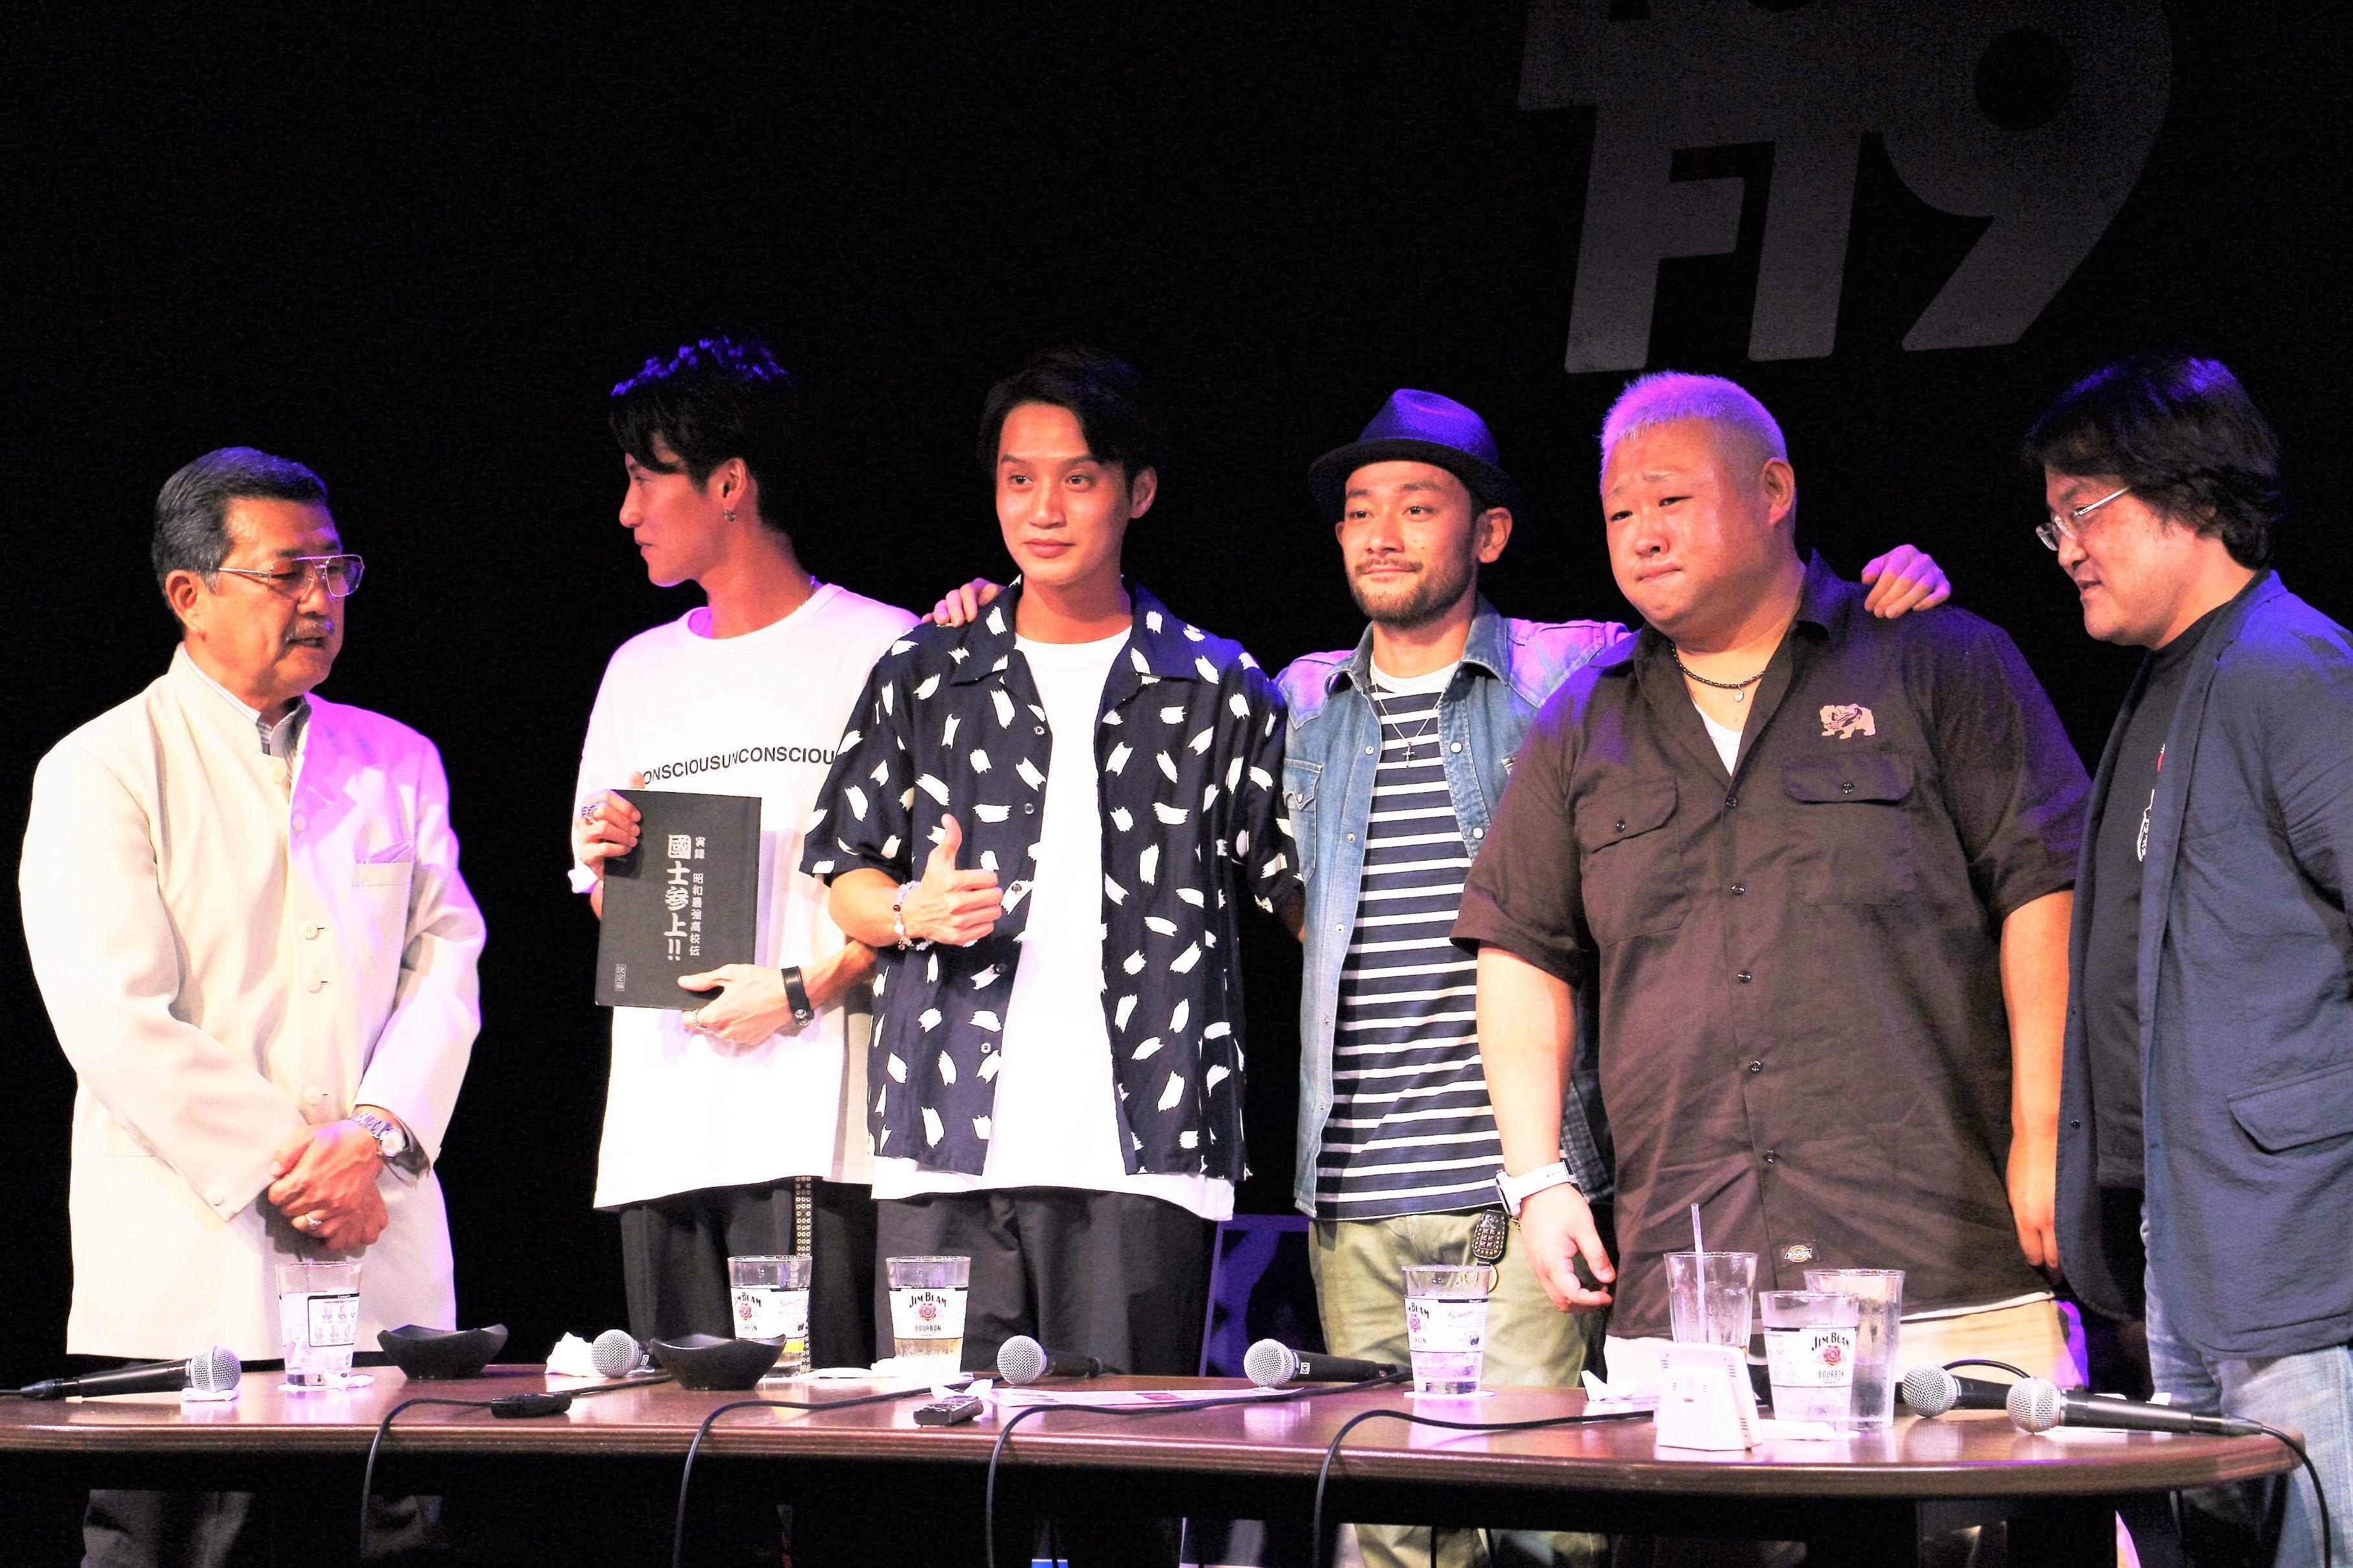 左から、高瀬将嗣監督、高木万平、高木心平、山根和馬、脇知弘、久田将義氏